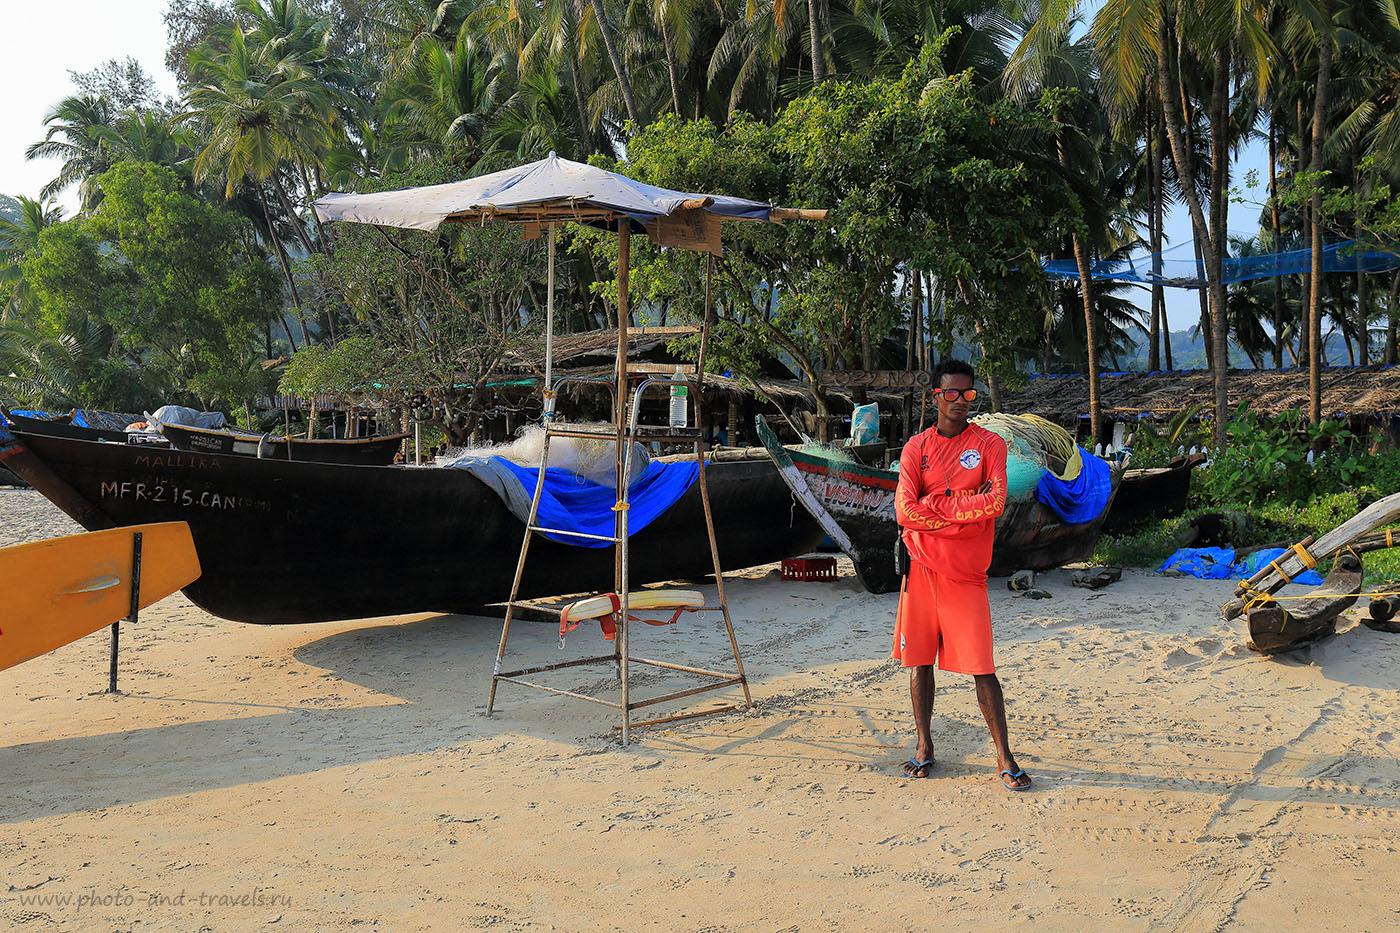 Фотография 10. Спасатель на Palolem Beach в Южном Гоа. К вопросу о безопасности пляжного отдыха в Индии (24-70, 1/125, -1eV, f9, 33mm, ISO 100).